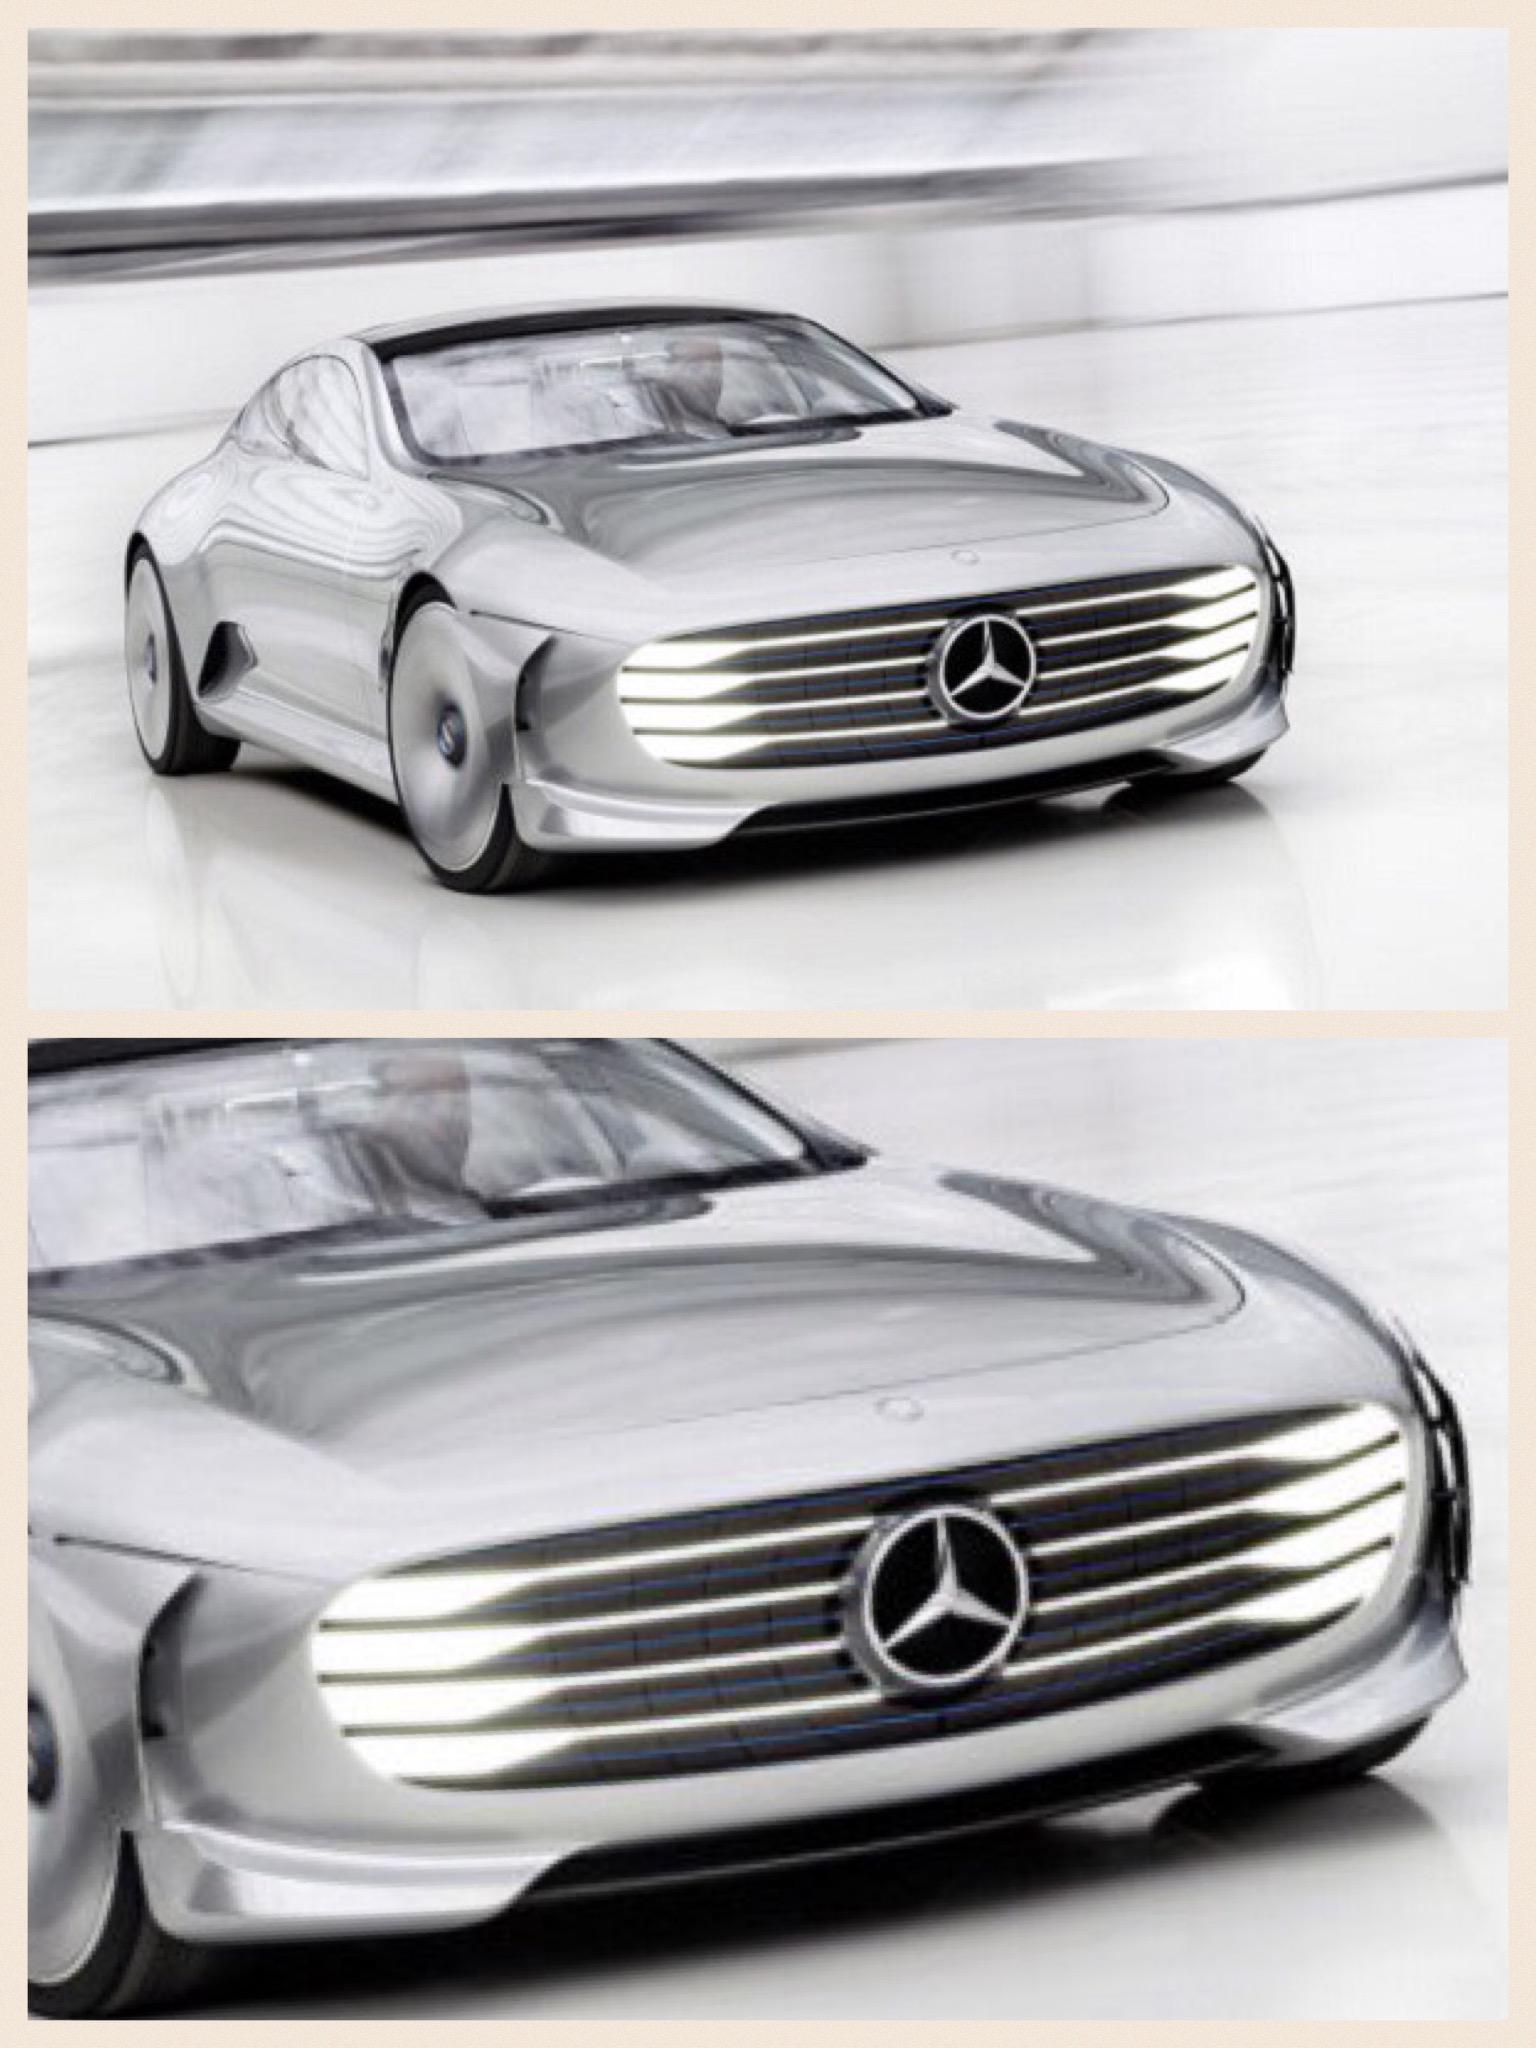 メルセデスベンツ EV パリモーターショー2016